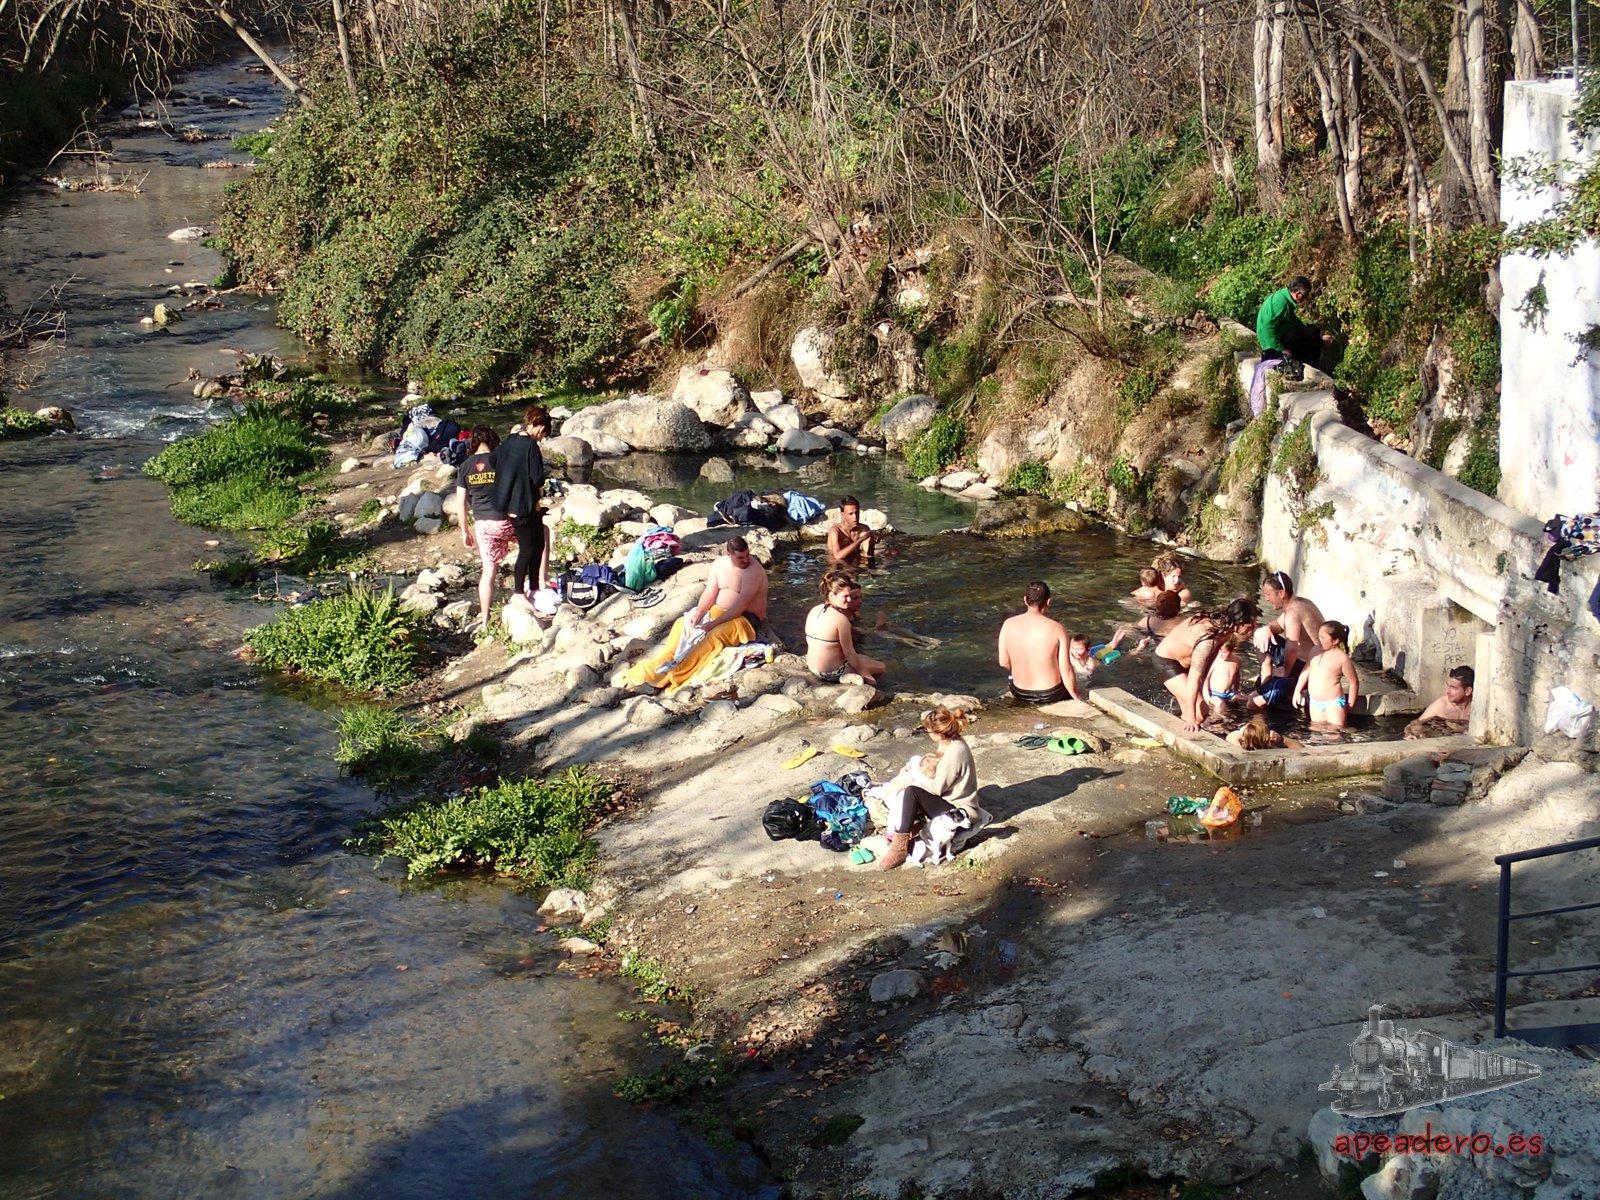 Baños Romanos Granada:Justo debajo del balneario, muy cerca del río, se encuentran estas 3